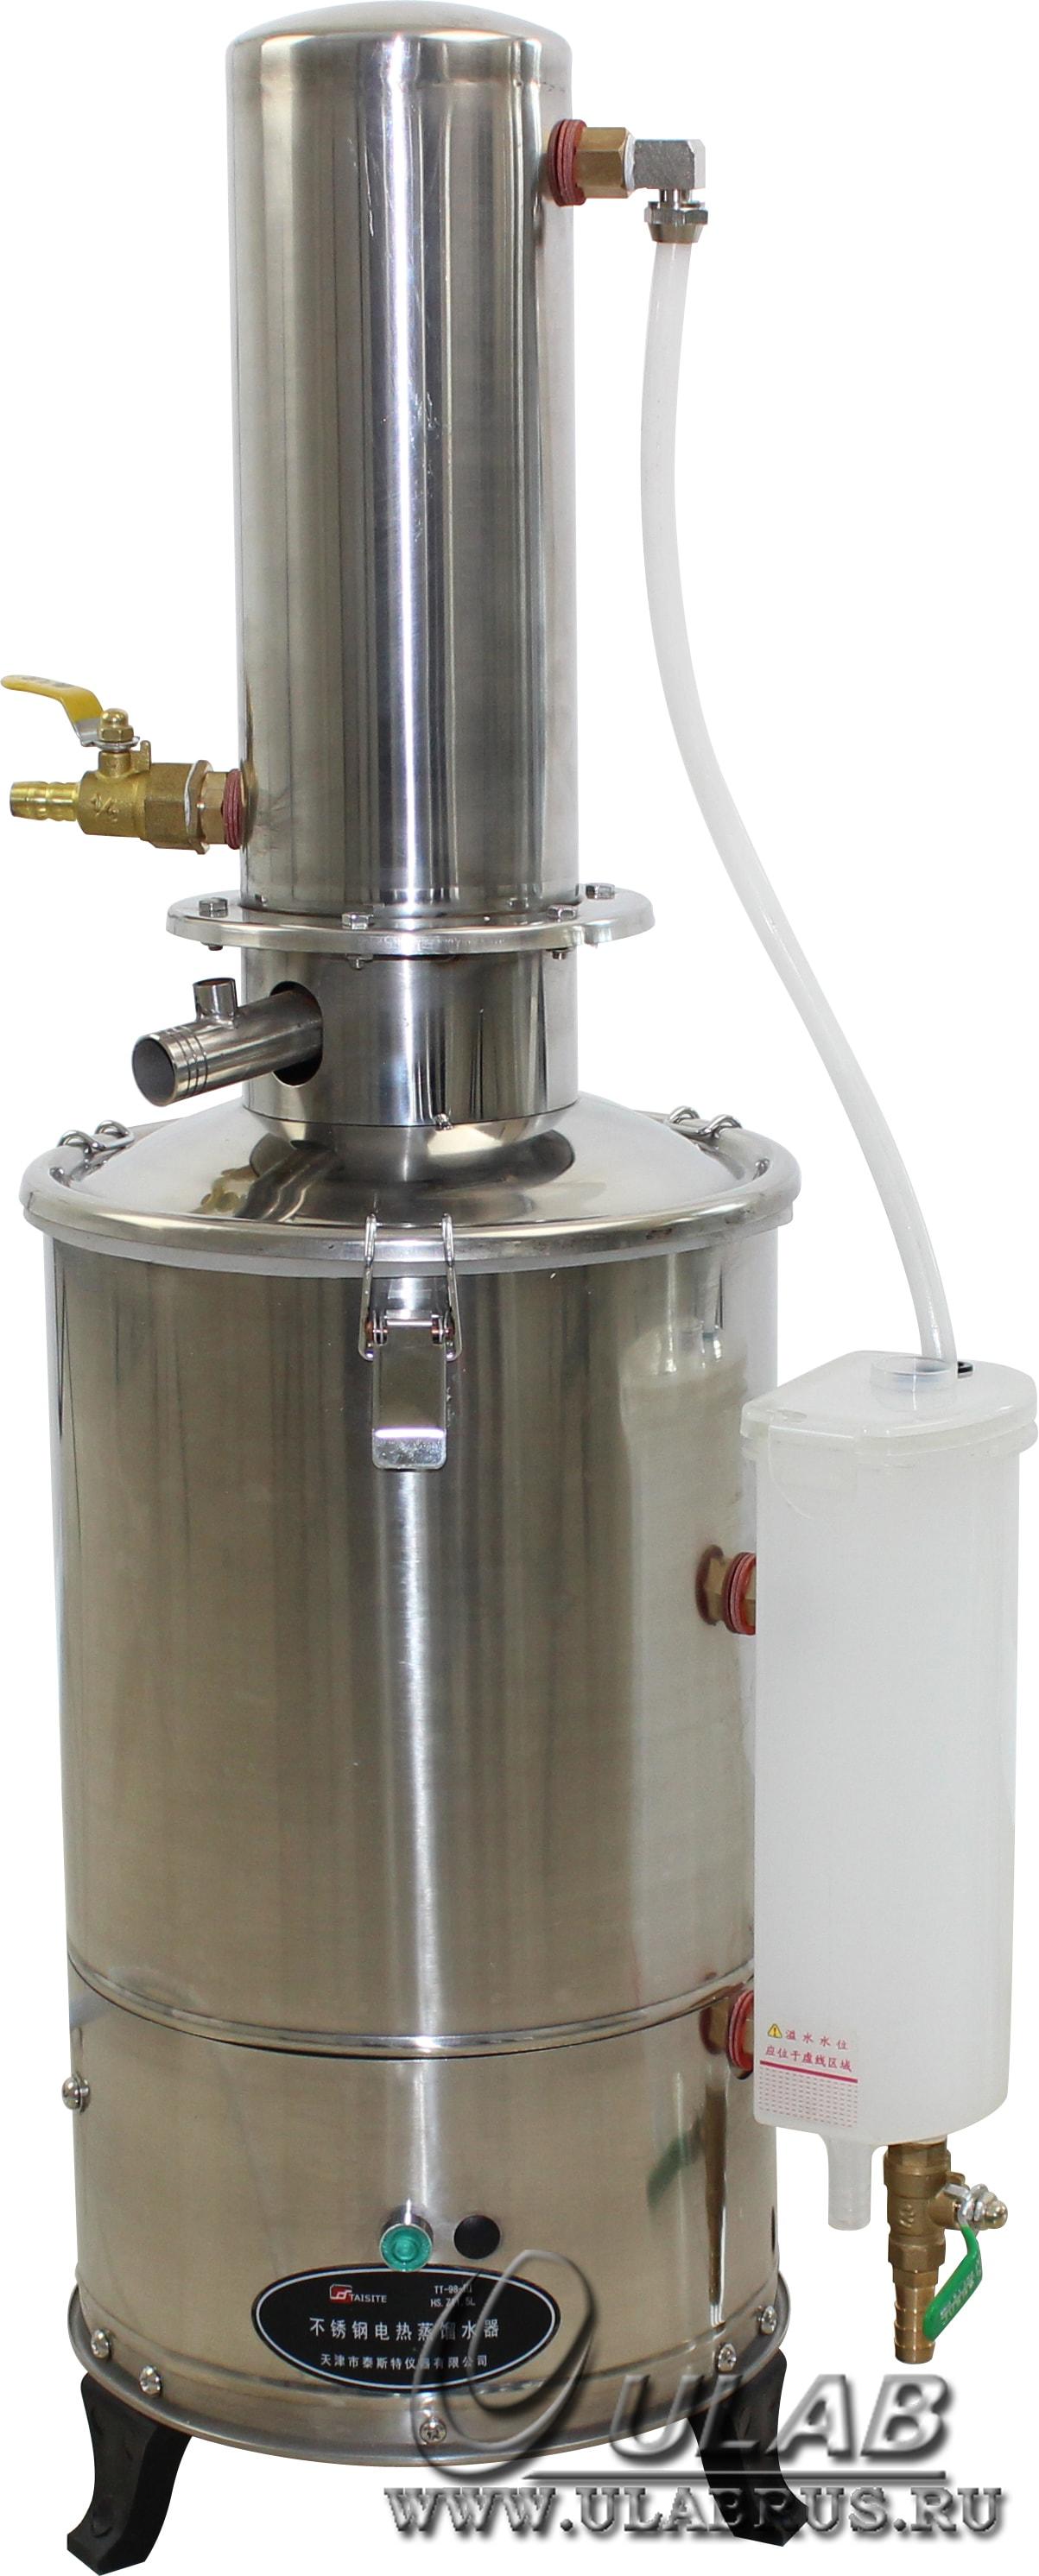 Аквадистиллятор дэ-10 спб в ростове-на-дону